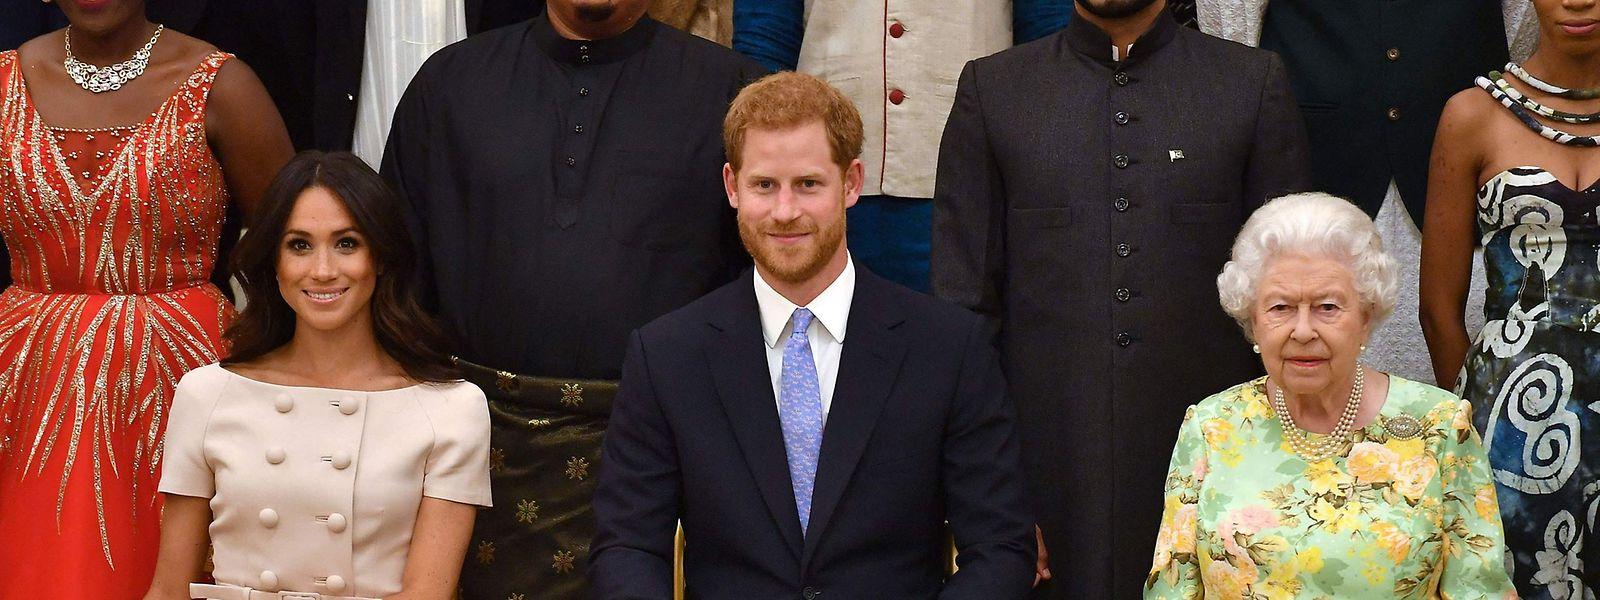 Meghan, Herzogin von Sussex, Prinz Harry, Herzog von Sussex, und Königin Elizabeth II bei einer Preisverleihung im Buckingham Palace im Juni 2018.